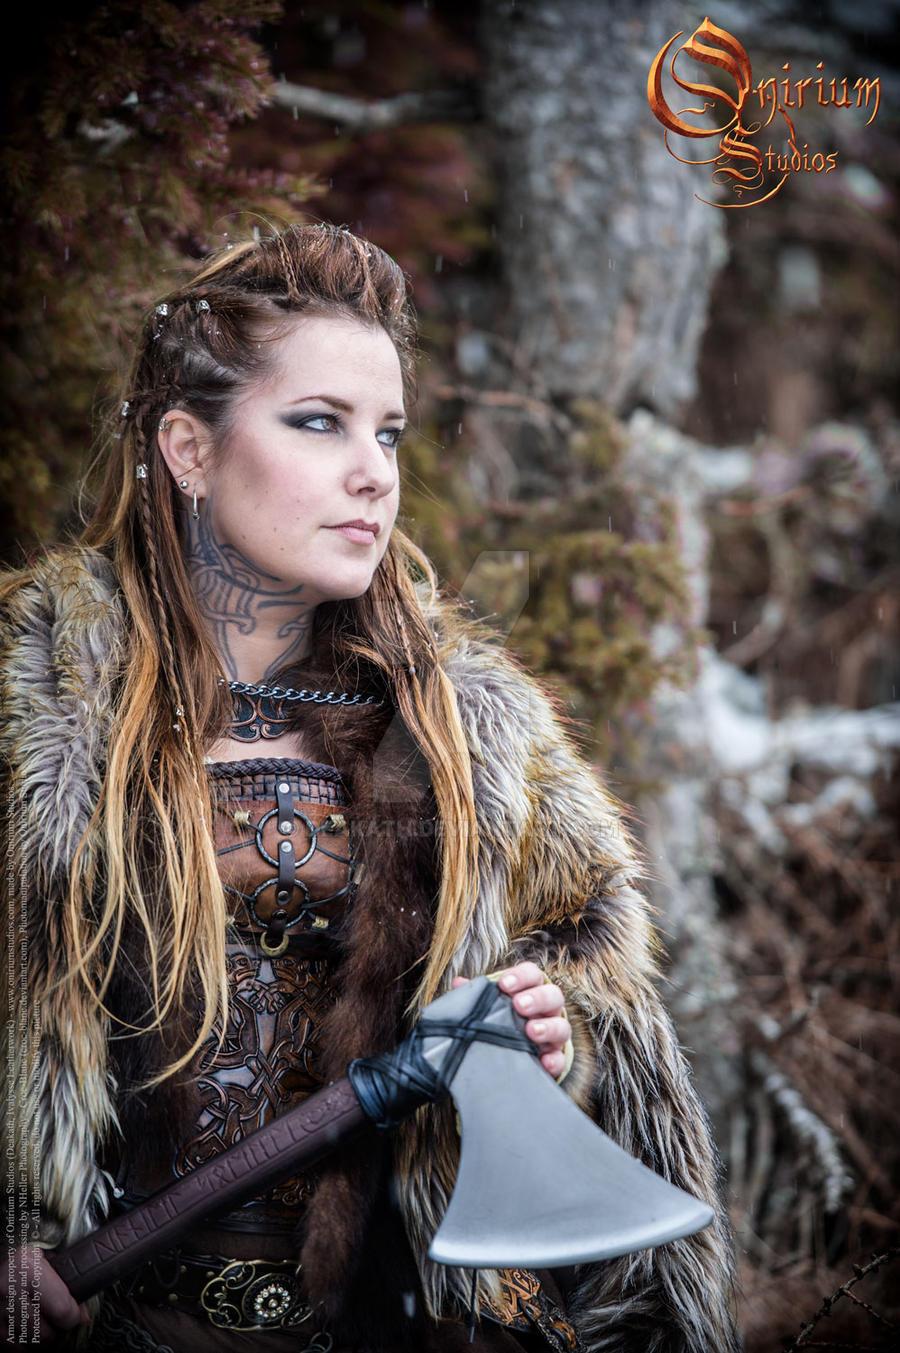 Viking inspired female set - photoshoot 2017 - 2 by Deakath